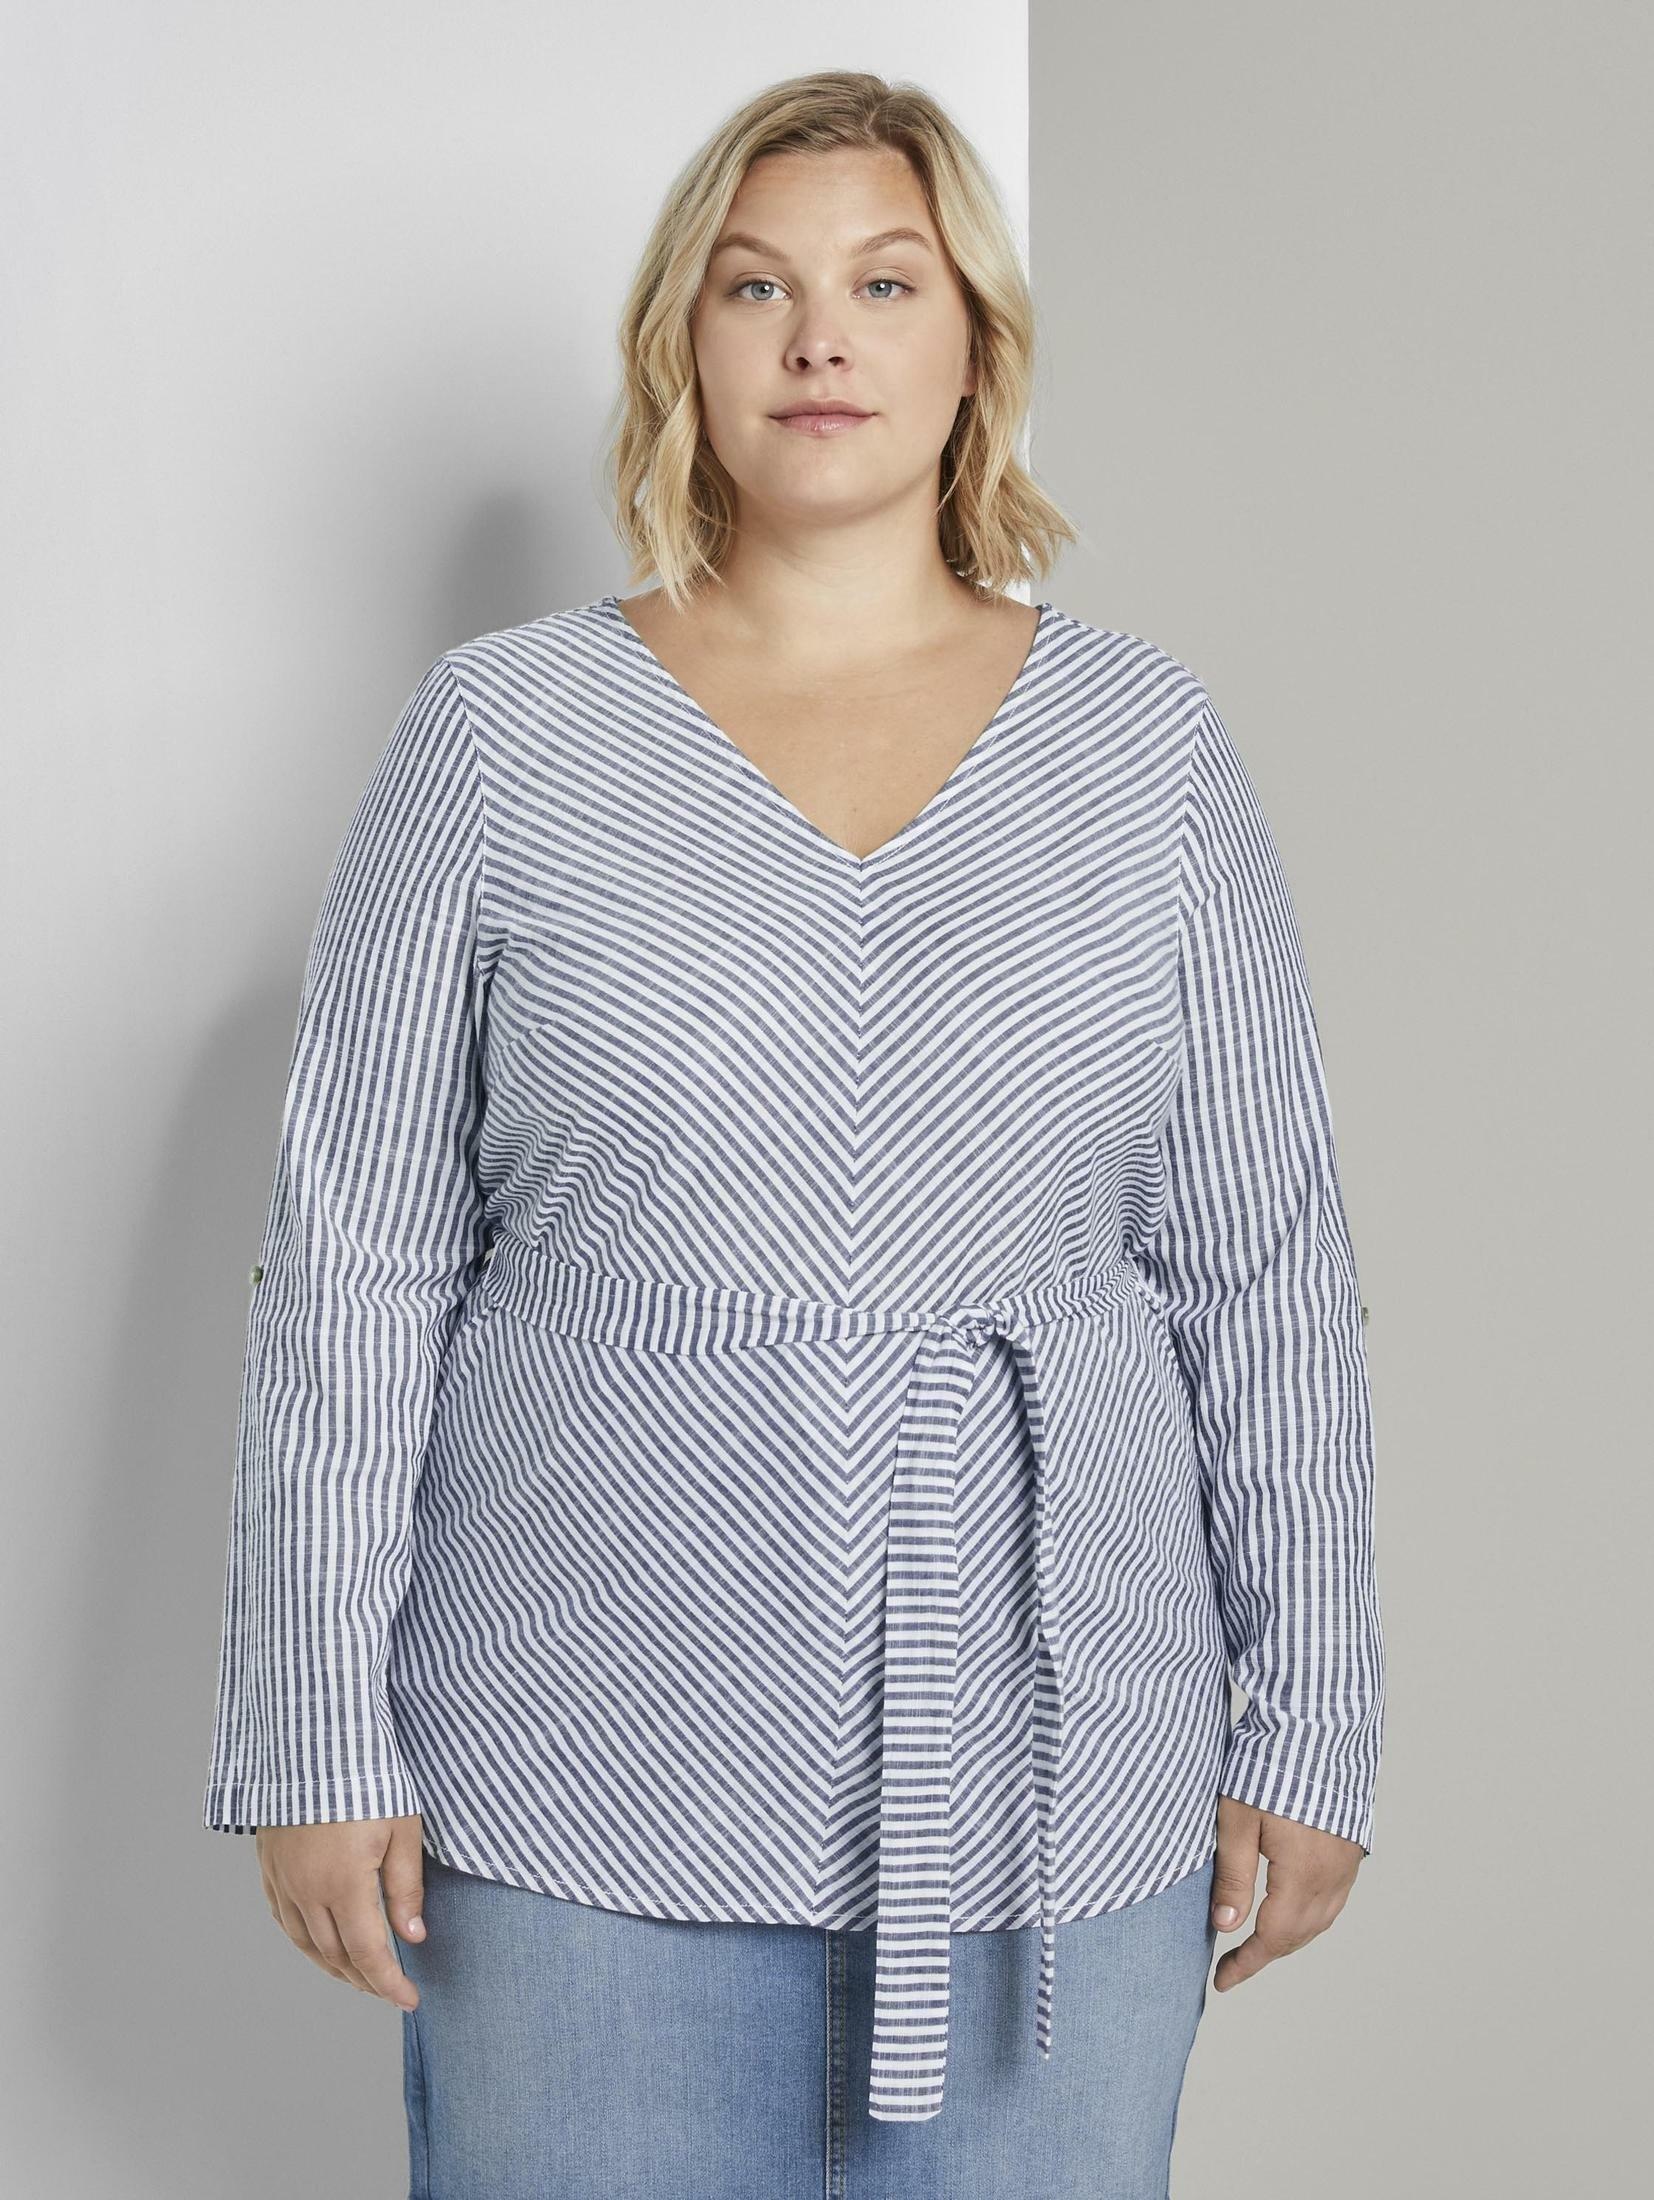 Op zoek naar een Tom Tailor My True Me wikkelblouse »Gestreifte Bluse mit Gürtel«? Koop online bij OTTO